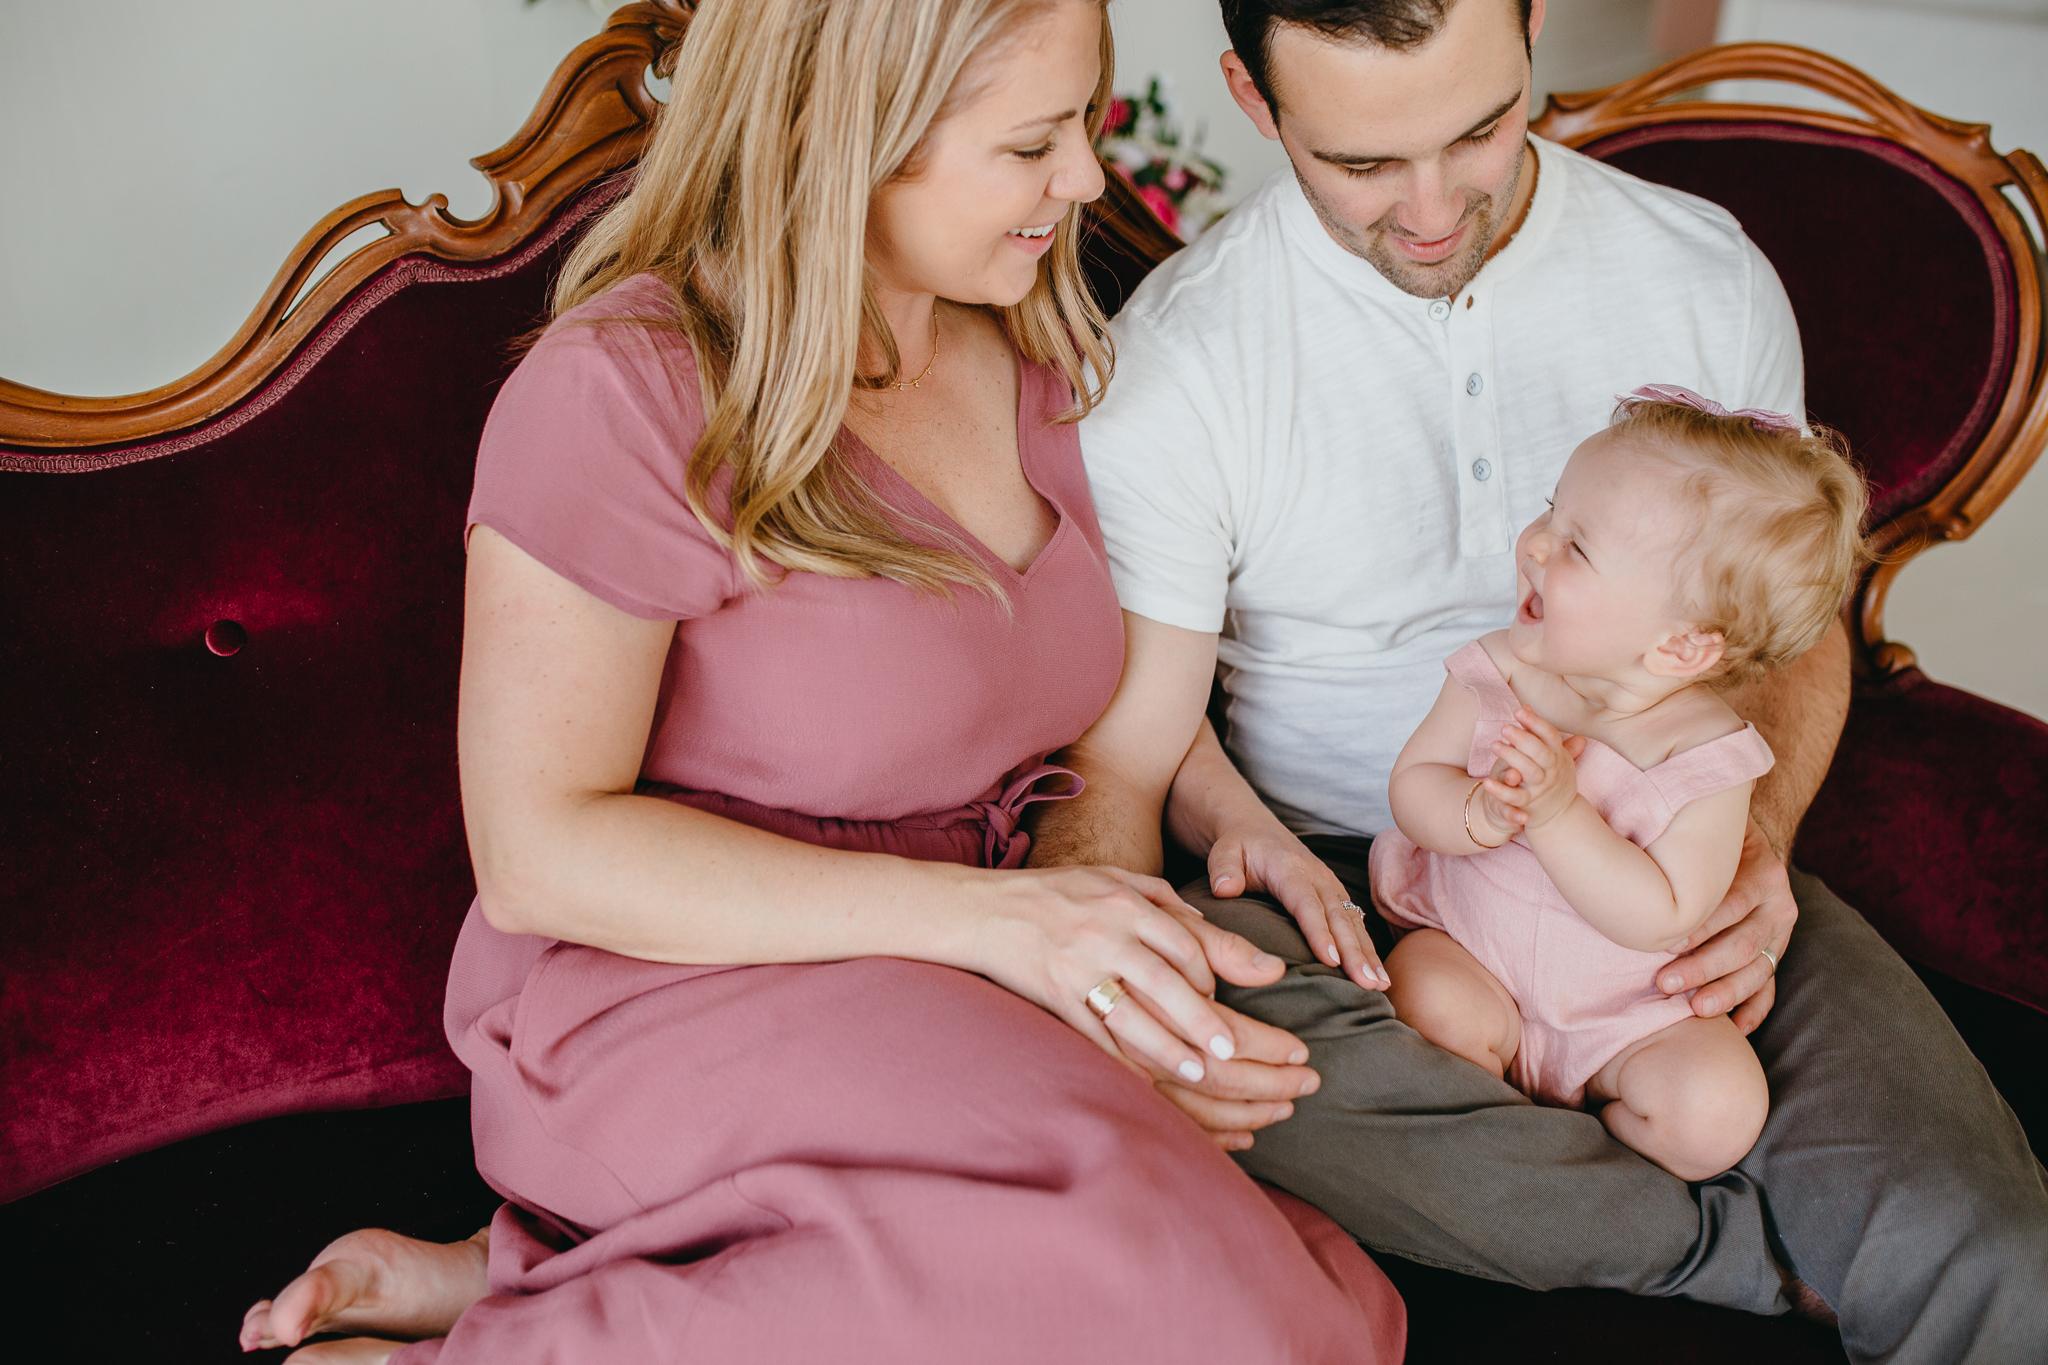 denver-family-photographer-photo-studio-11.jpg